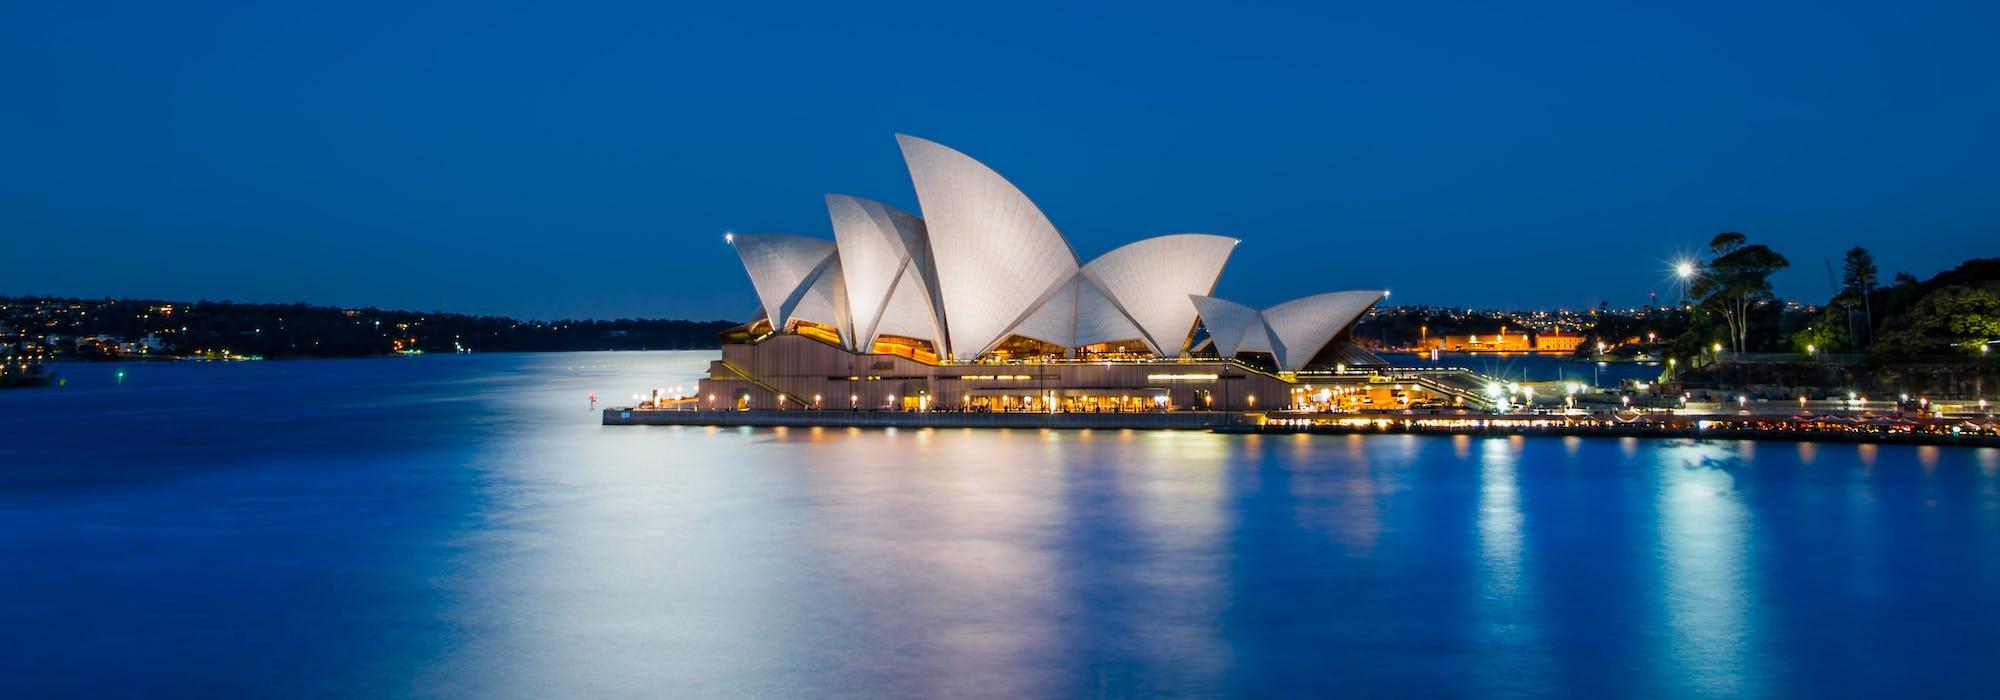 Bild i månljuset på det ikoniska operahuset i Sydney.